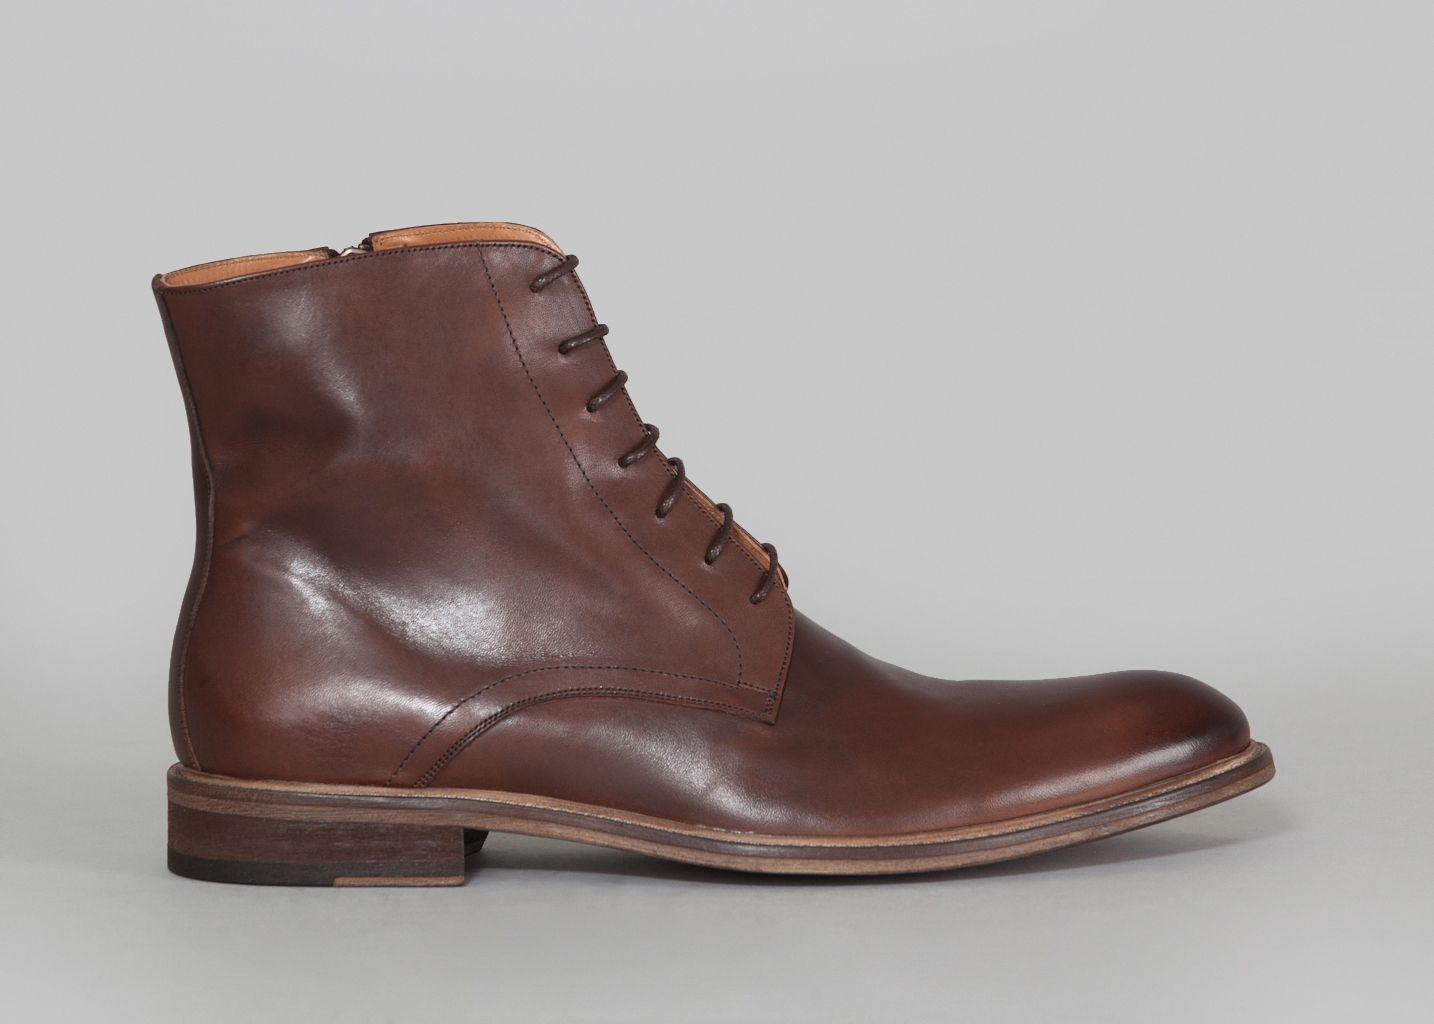 CHAUSSURES - Chaussures à lacetsAnthology Paris MAcyqadq